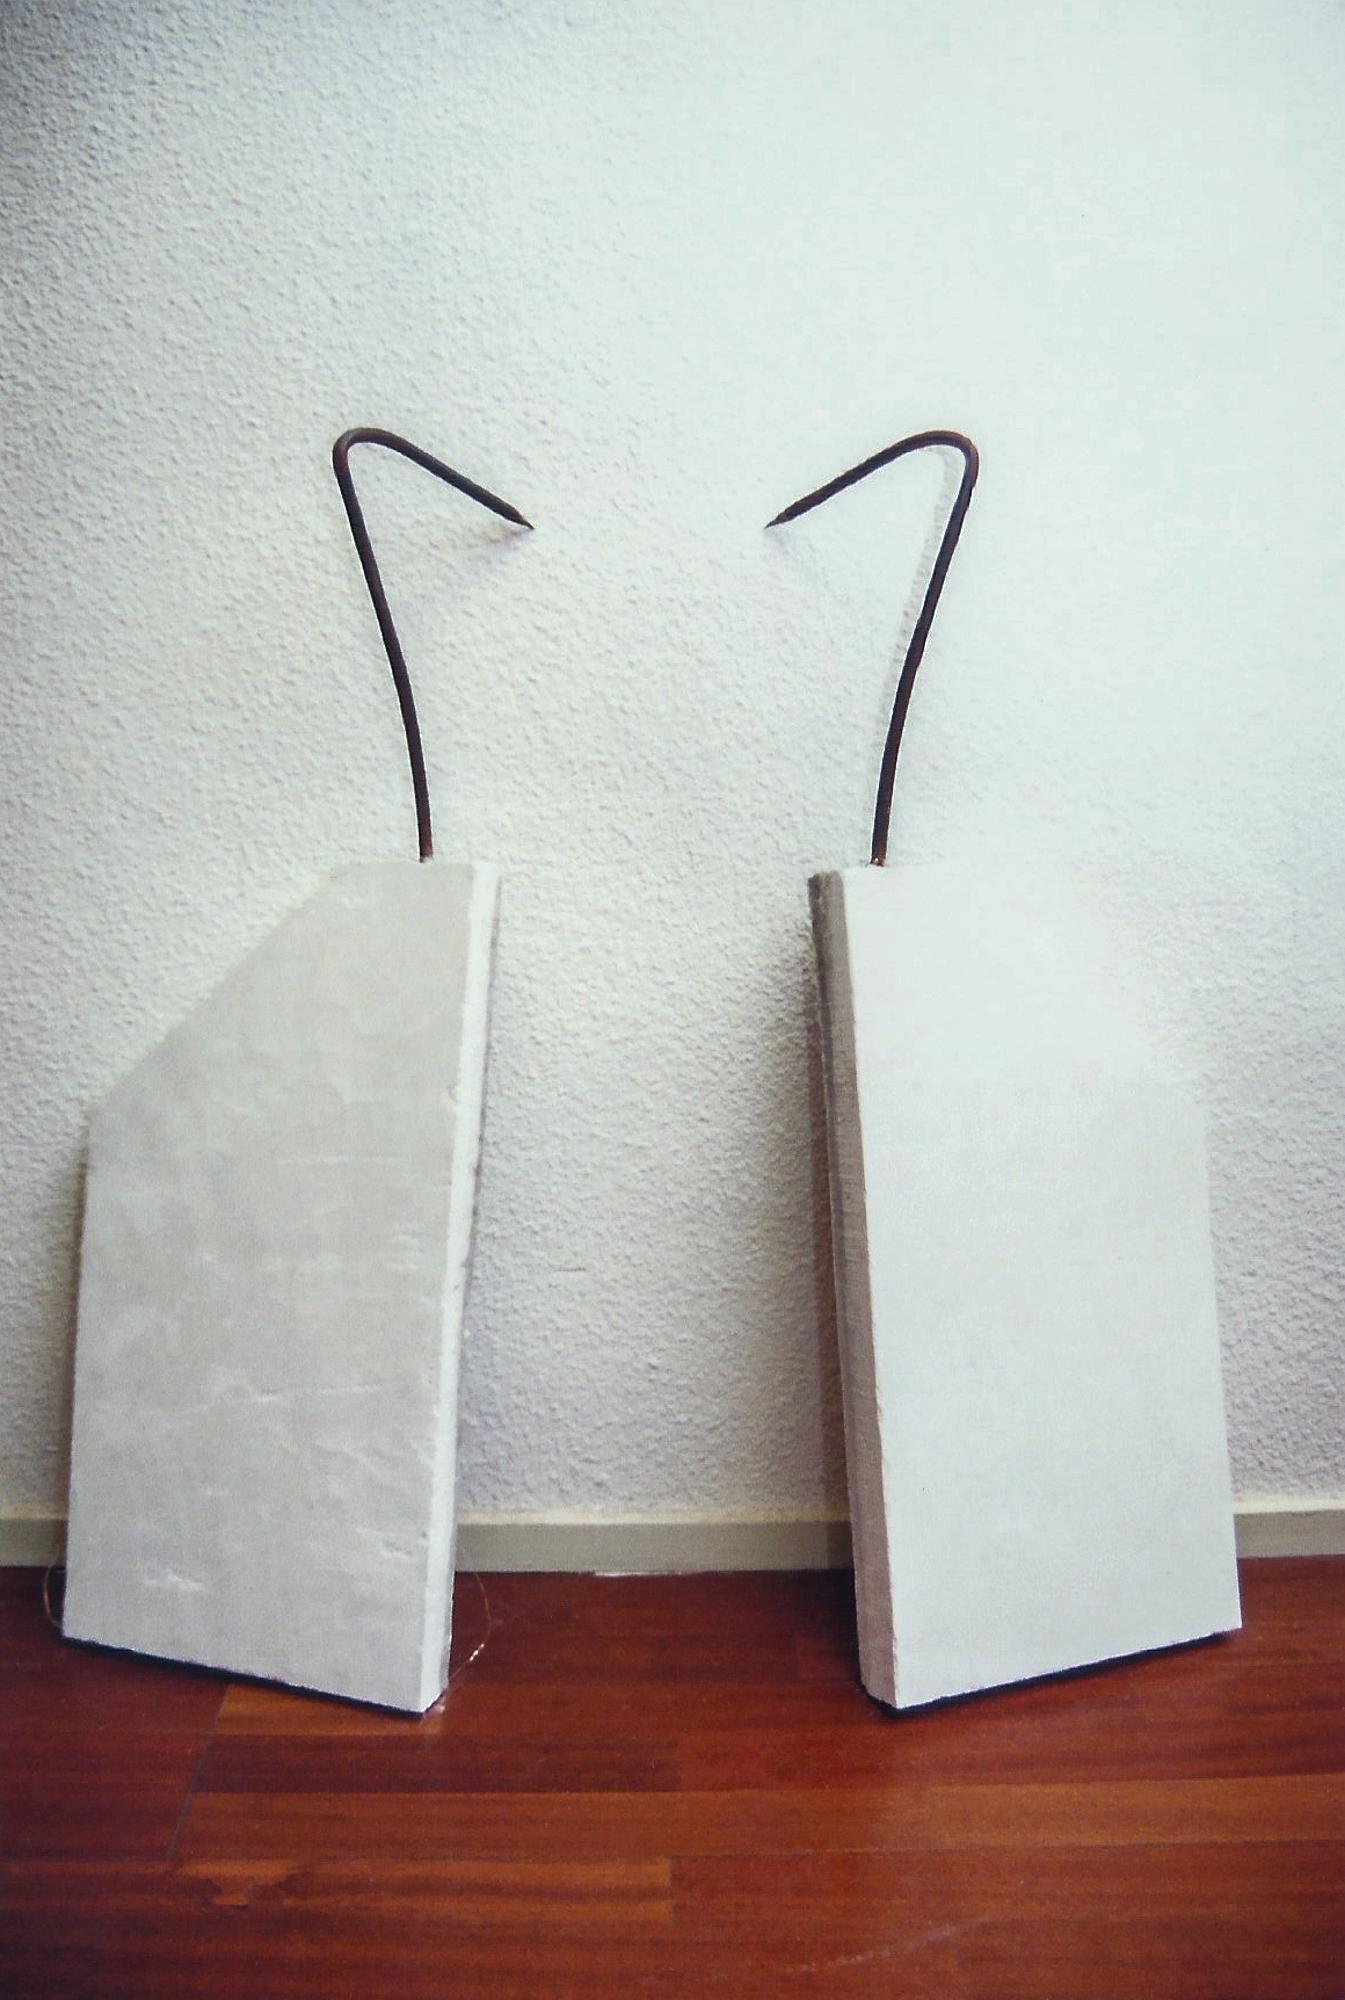 Magnolia Soto. Alas. 1999. Hierro en mortero de cemento. 100 x 40 x 25 cm. cada una.